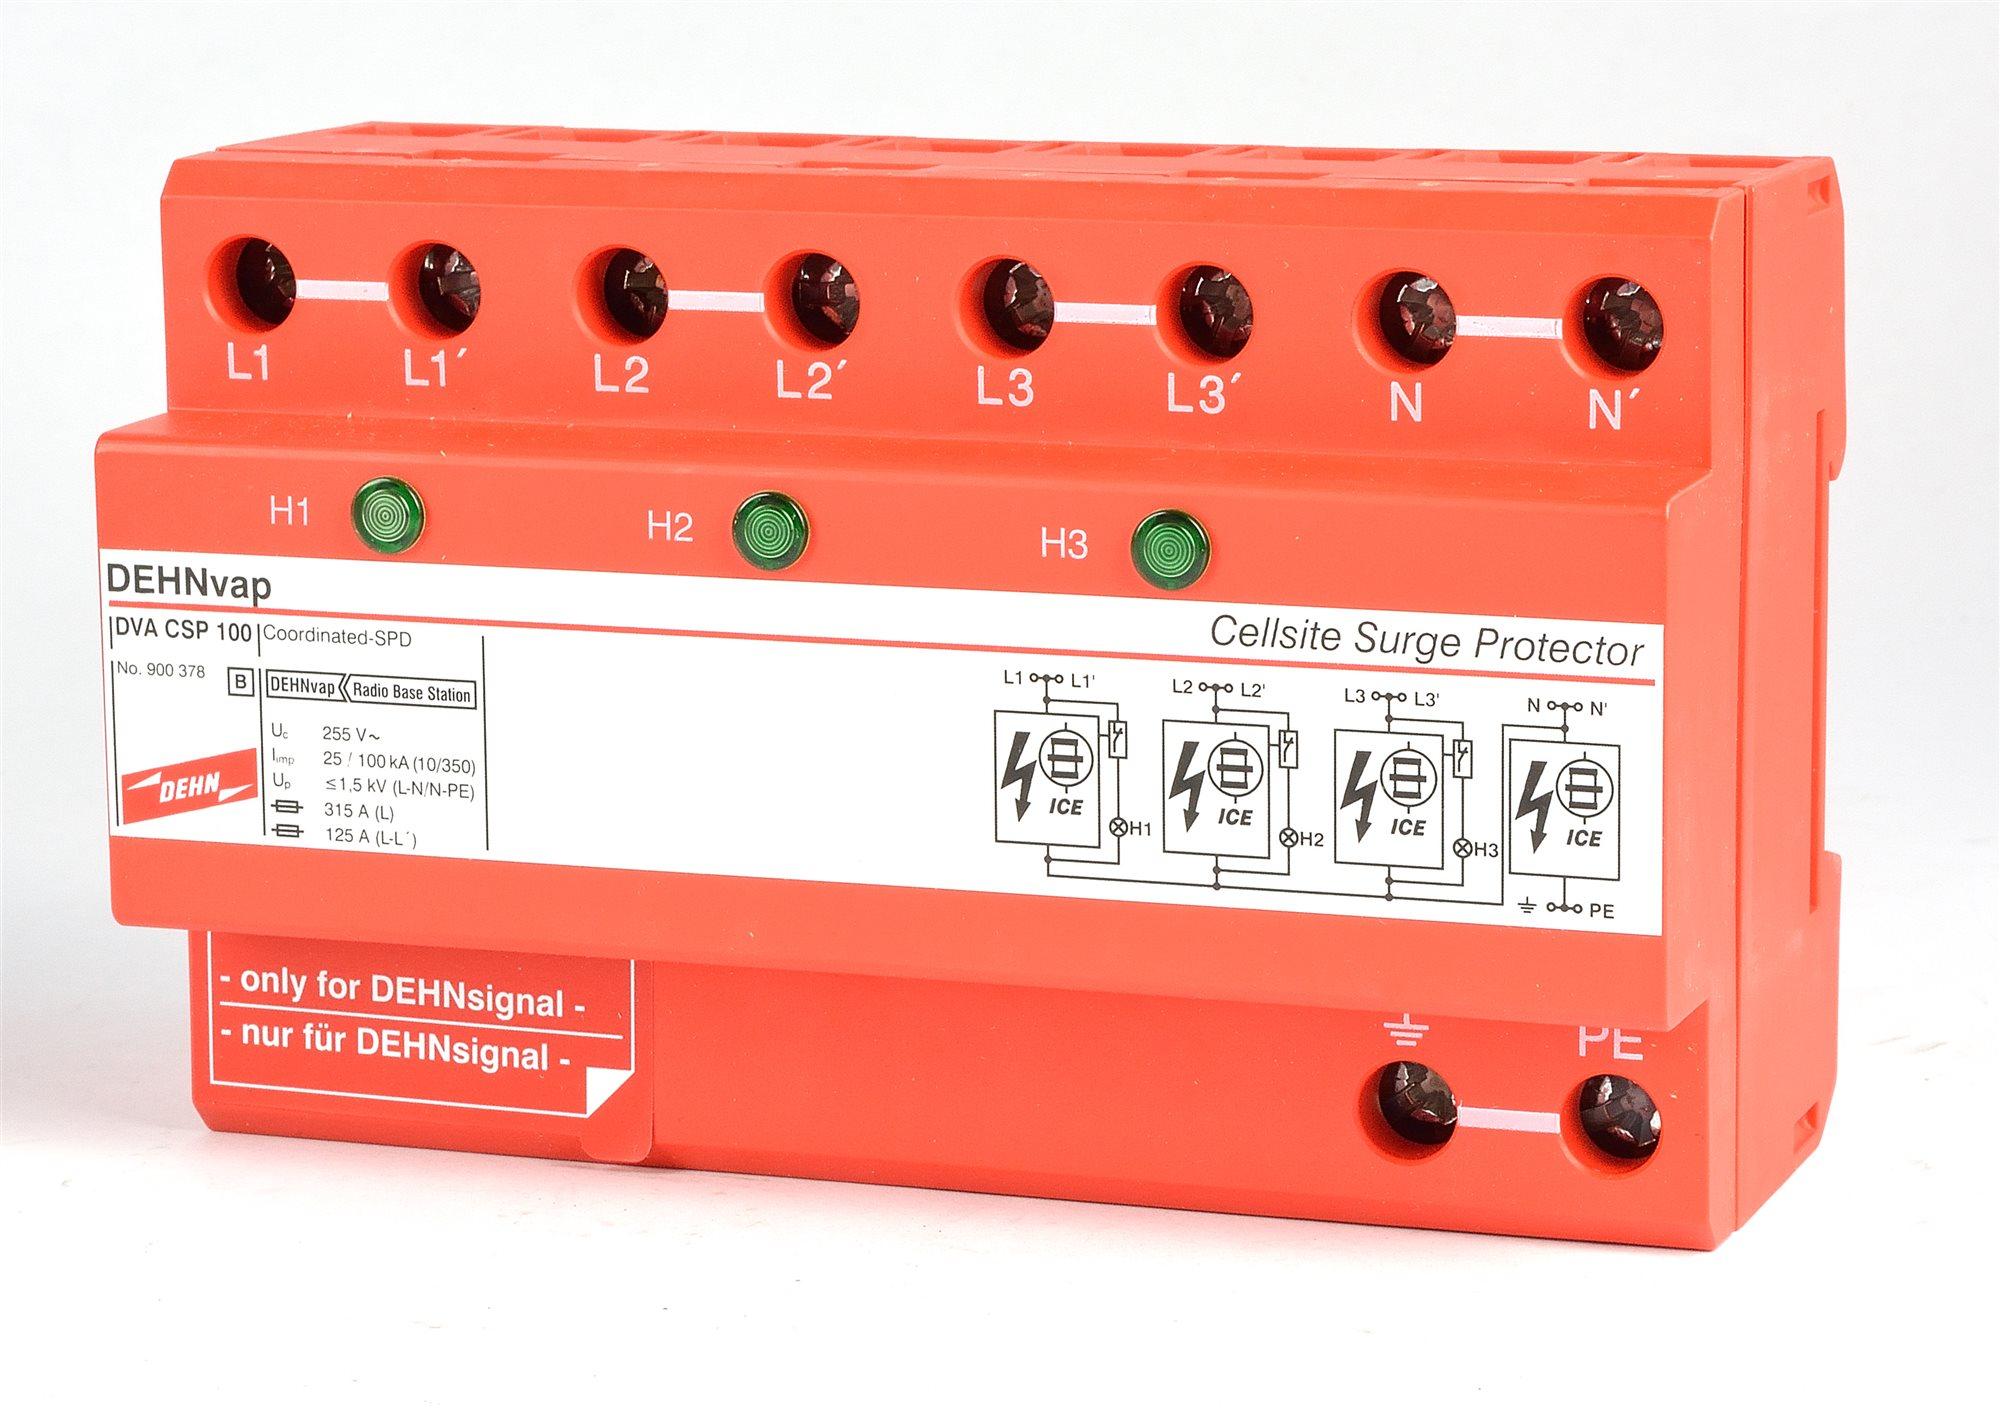 DEHNvap DVA CSP 100 900378 Kombi Ableiter Dehn -15885